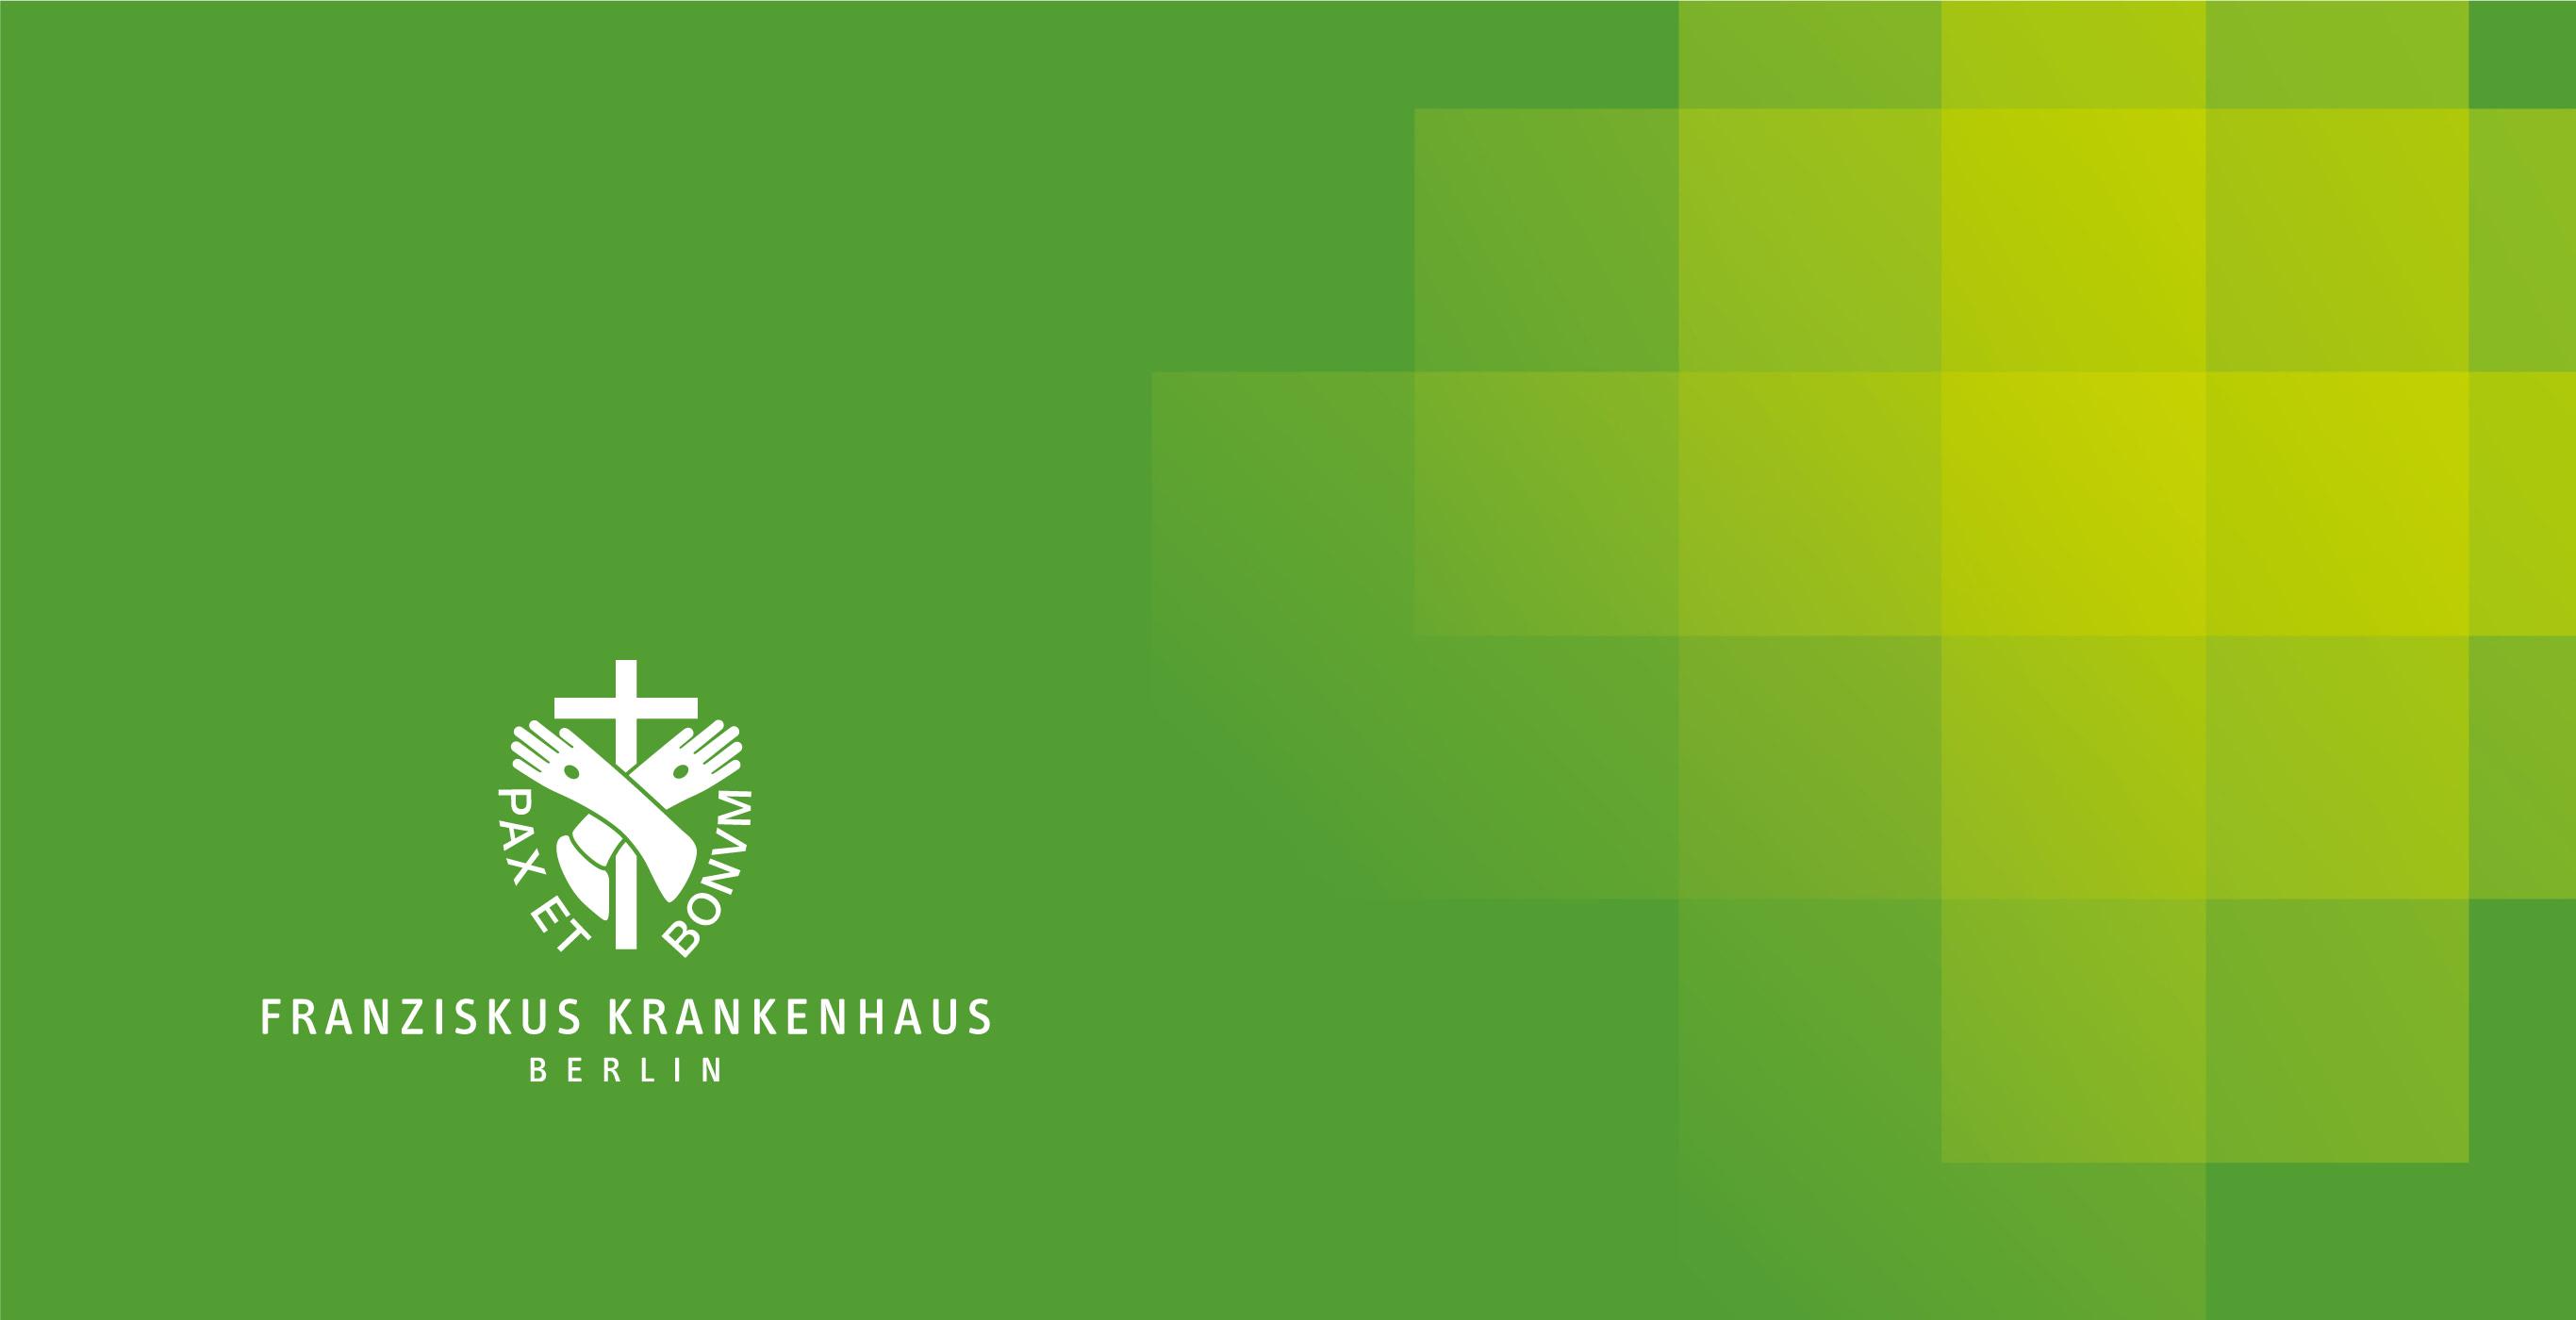 Ein stilisiertes gelbgrünes Kreuz auf grünem Hintergrund, Key Visual eines Krankenhaus-Redesigns der Healthcare Werbeagentur mcs